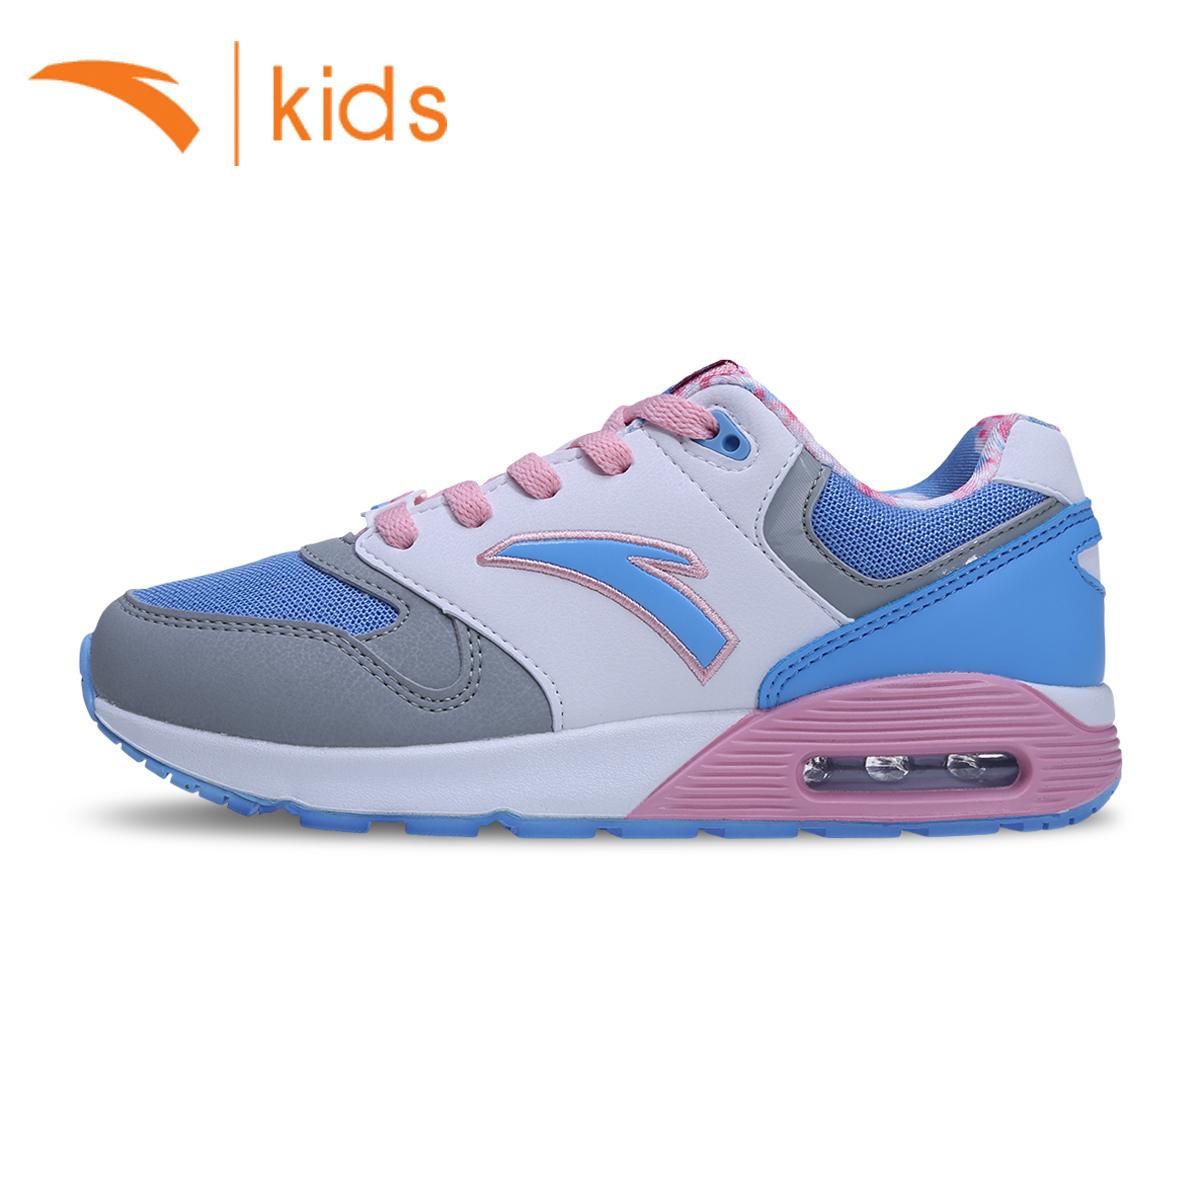 安踏运动鞋 安踏童鞋小童运动鞋2016春季新款女童复古鞋儿童休闲鞋32618839_推荐淘宝好看的女安踏运动鞋